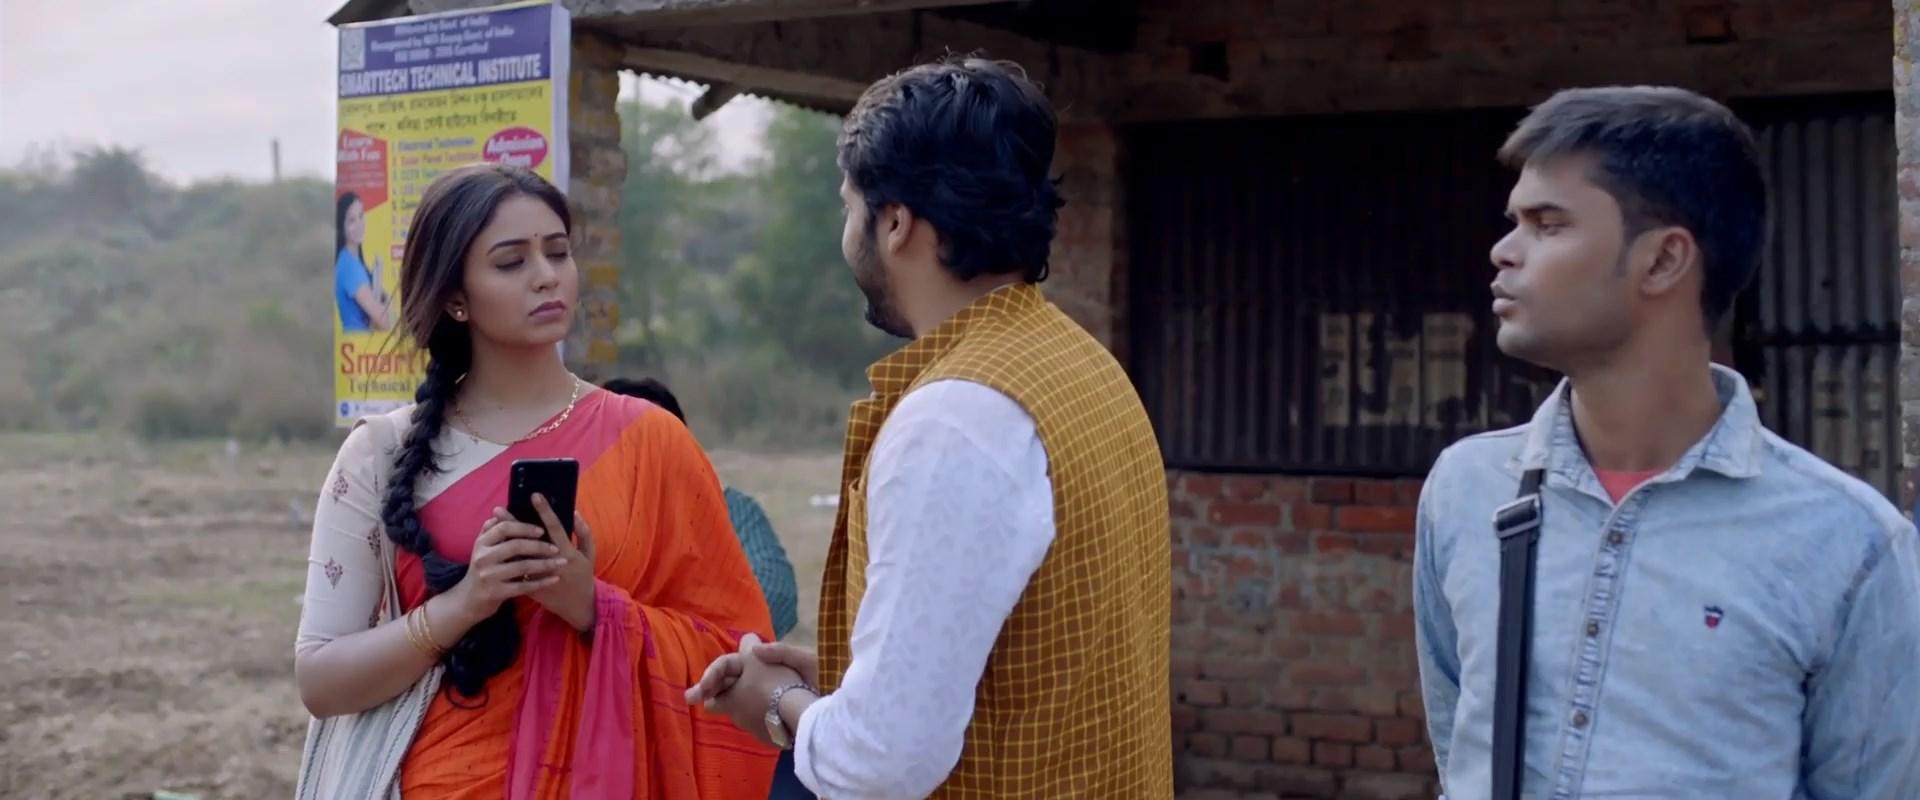 Brahma Janen Gopon Kommoti 2021 Bengali 1080p HDRip 1.8GB.mkv snapshot 00.09.53.584